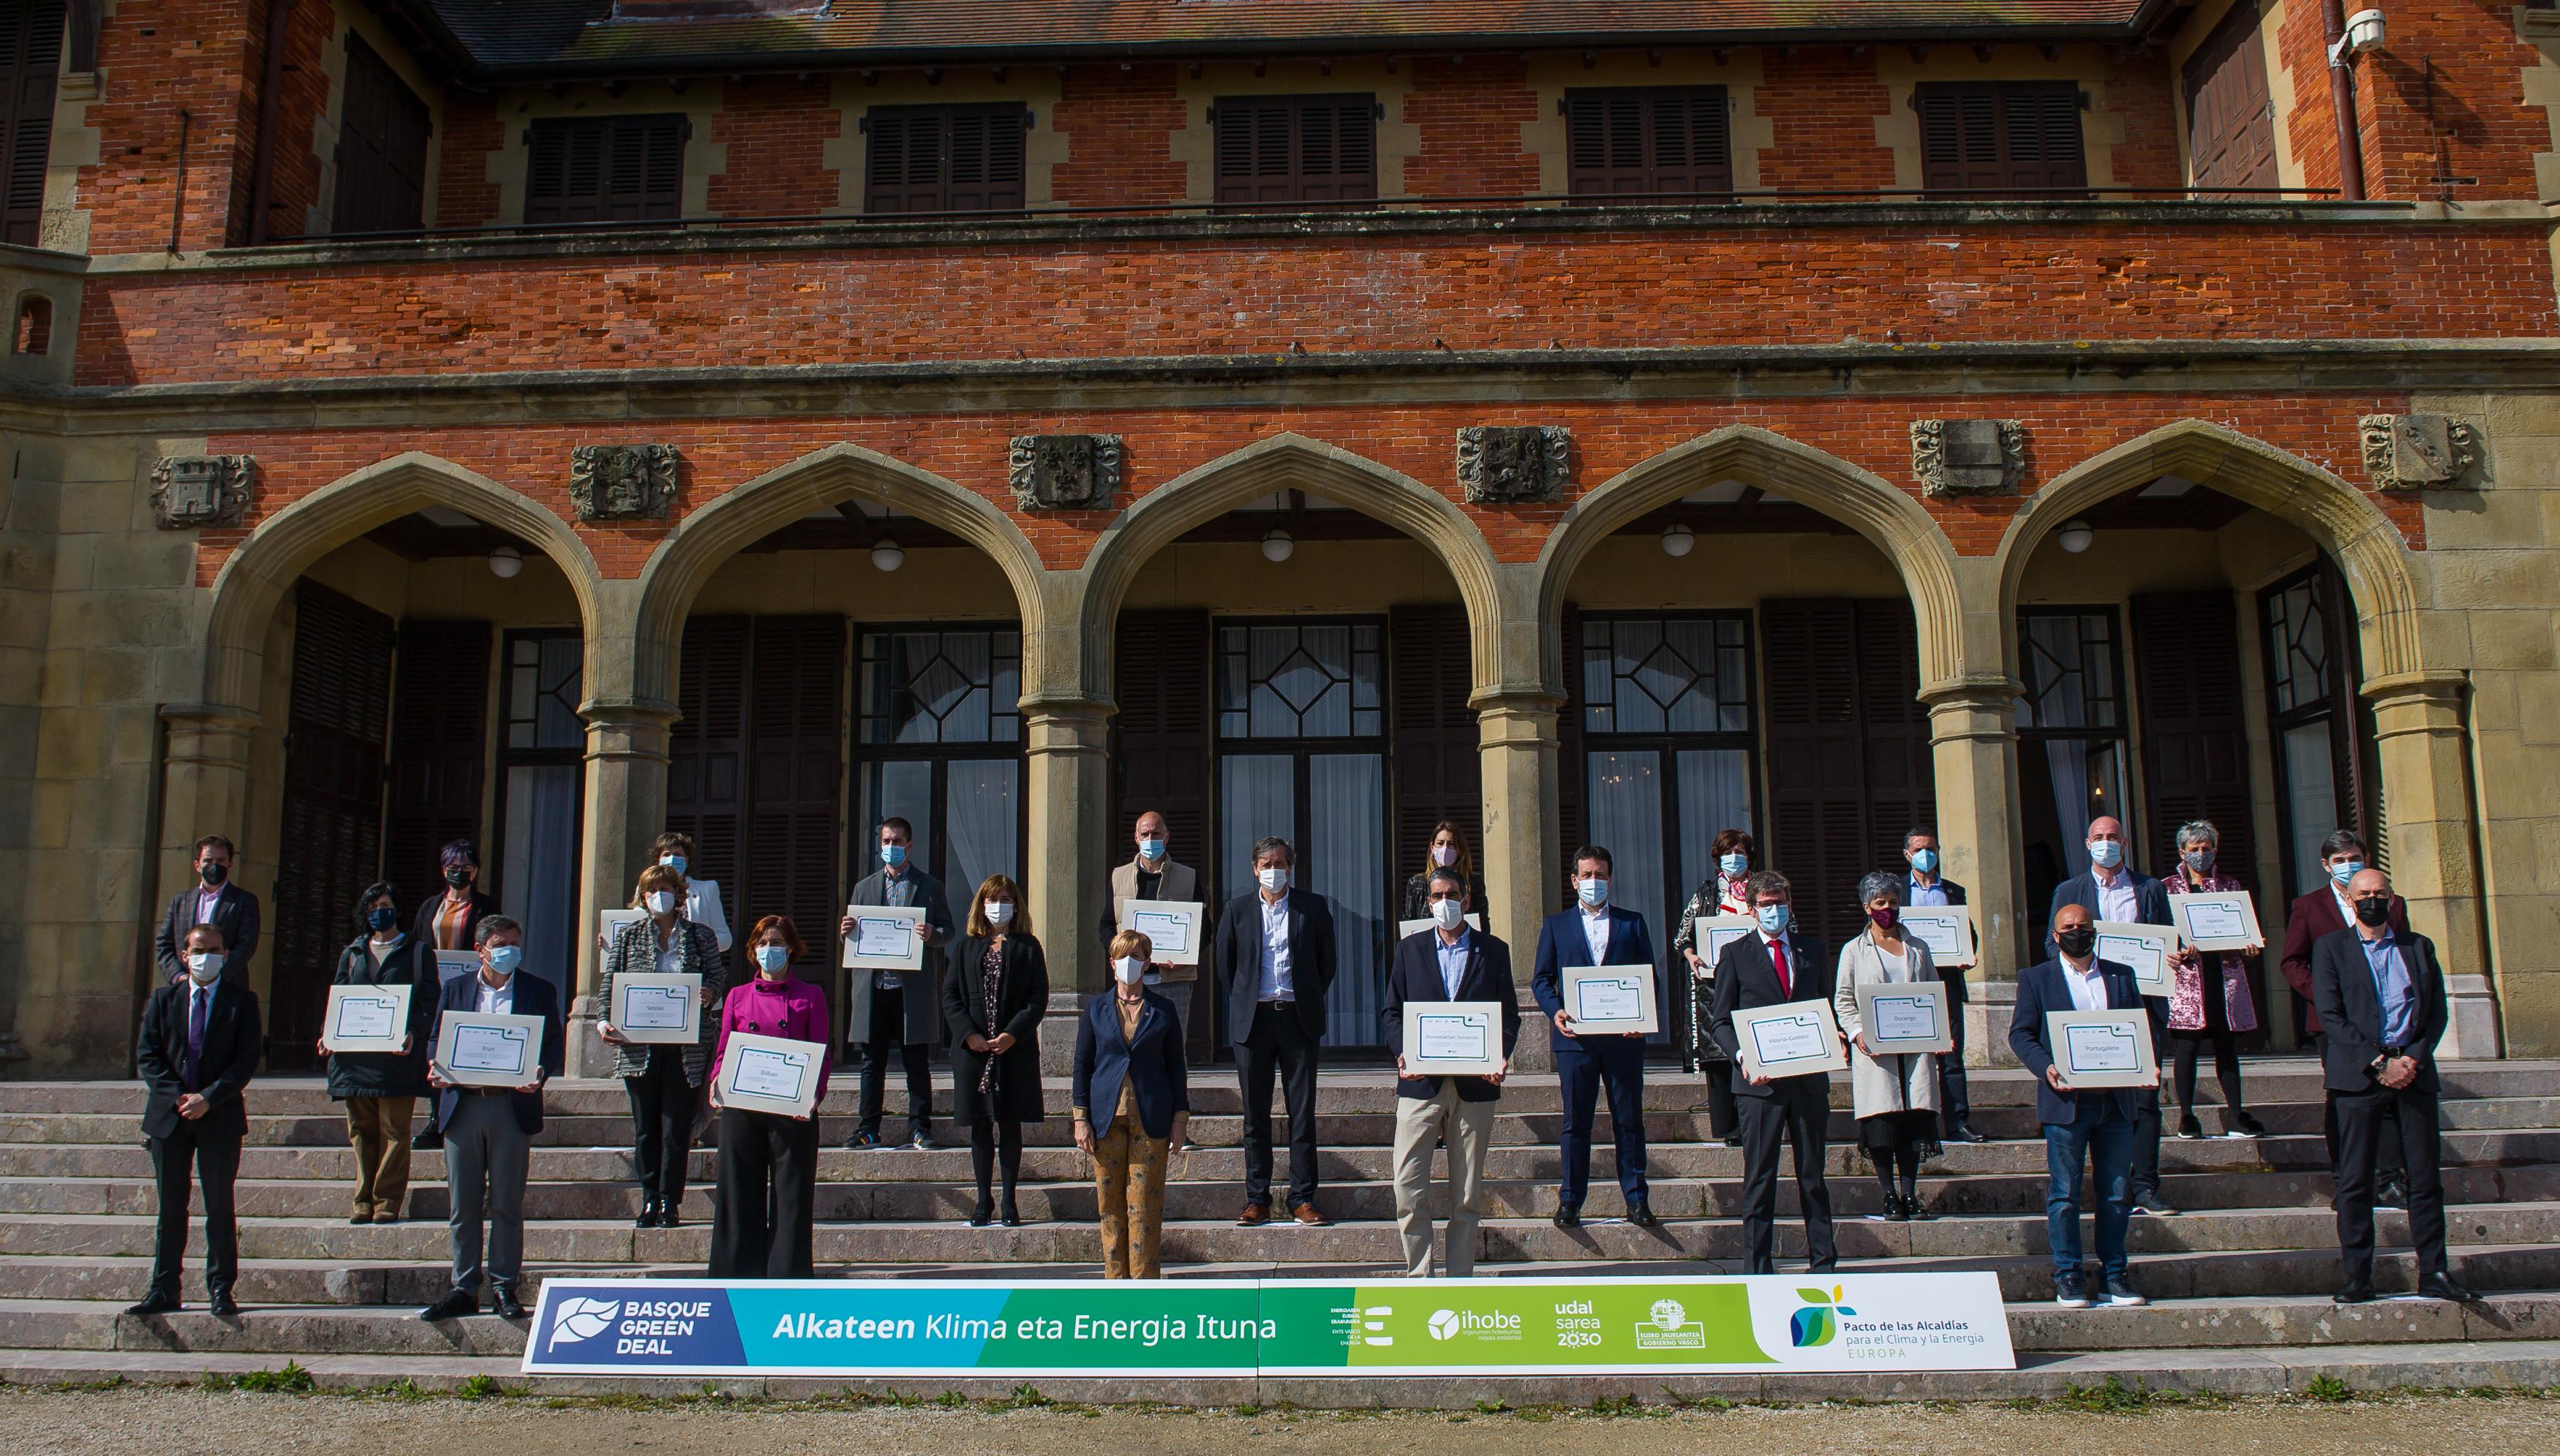 Tapia reconoce el compromiso con la acción climática de 21 ayuntamientos vascos adheridos al Pacto de las Alcaldías para el Clima y la Energía [26:49]